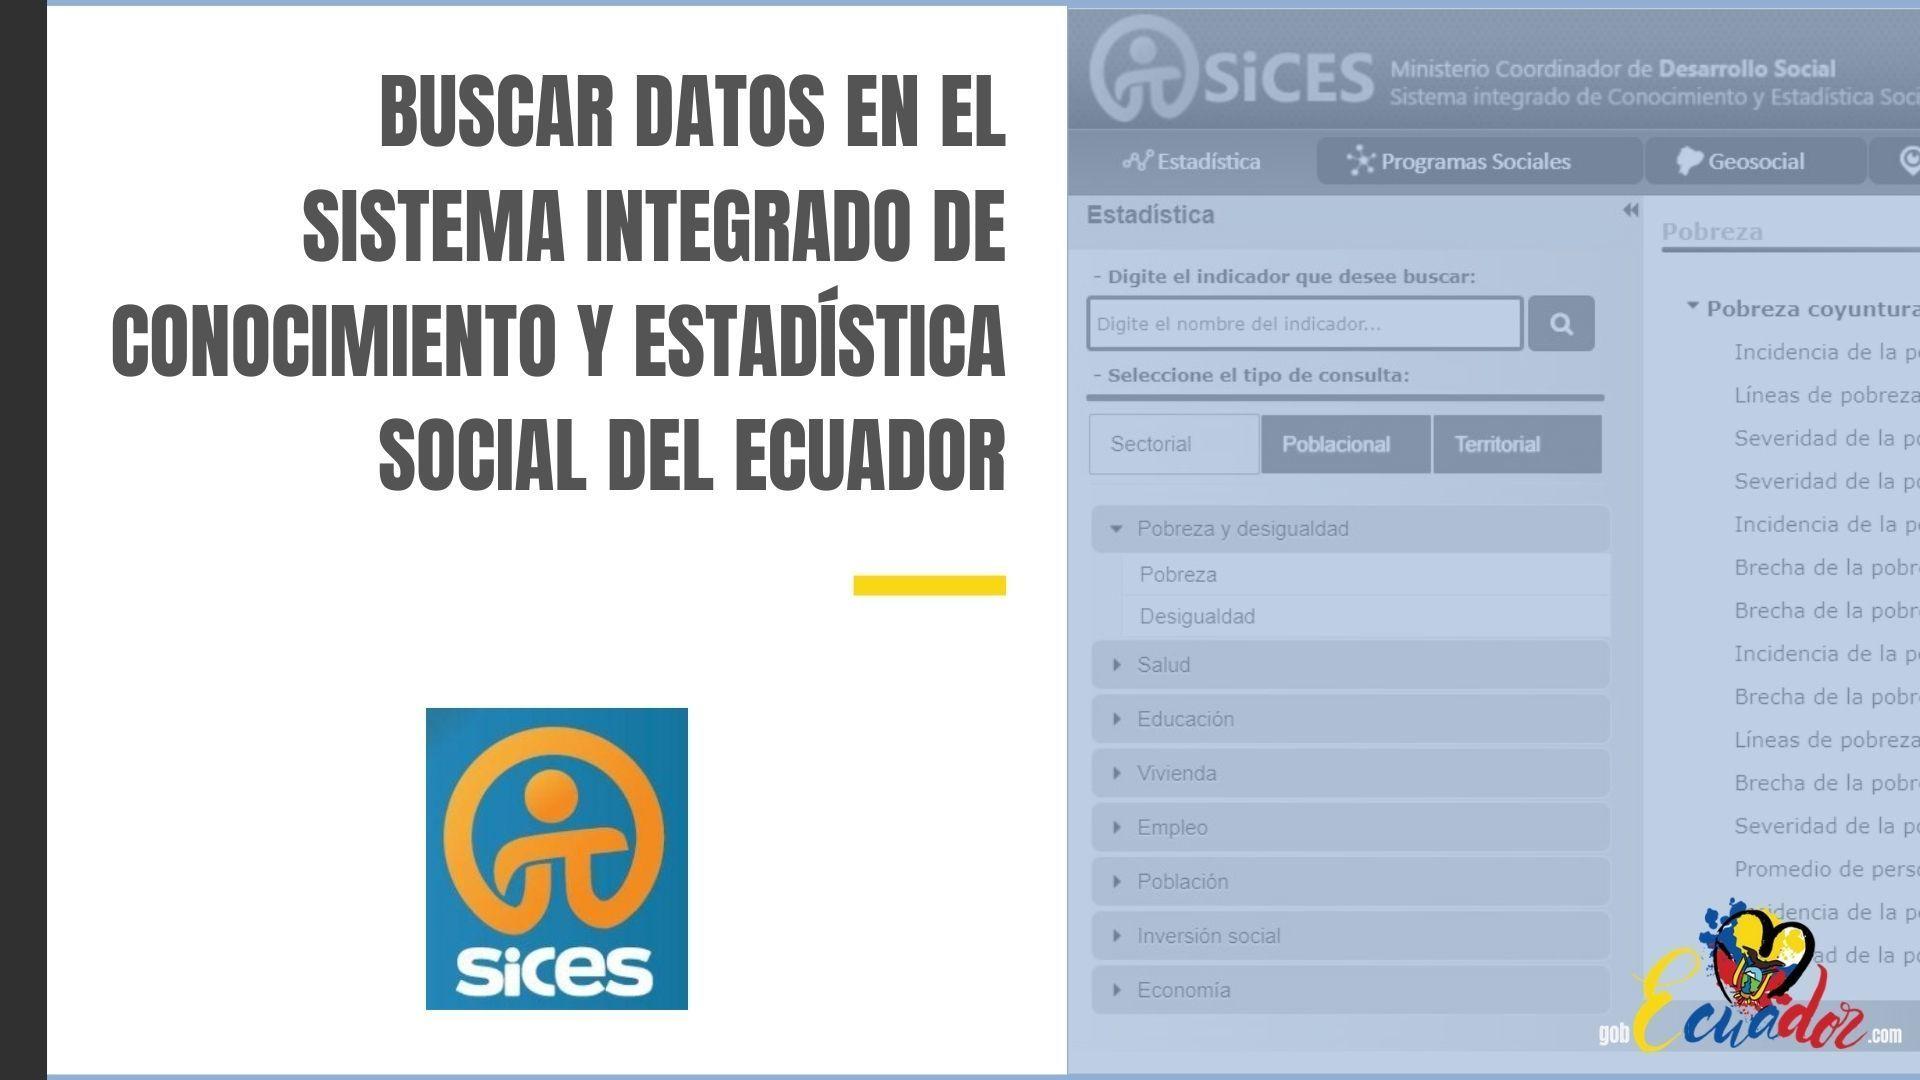 Buscar datos en el Sistema Integrado de Conocimiento y Estadística Social del Ecuador - SICES